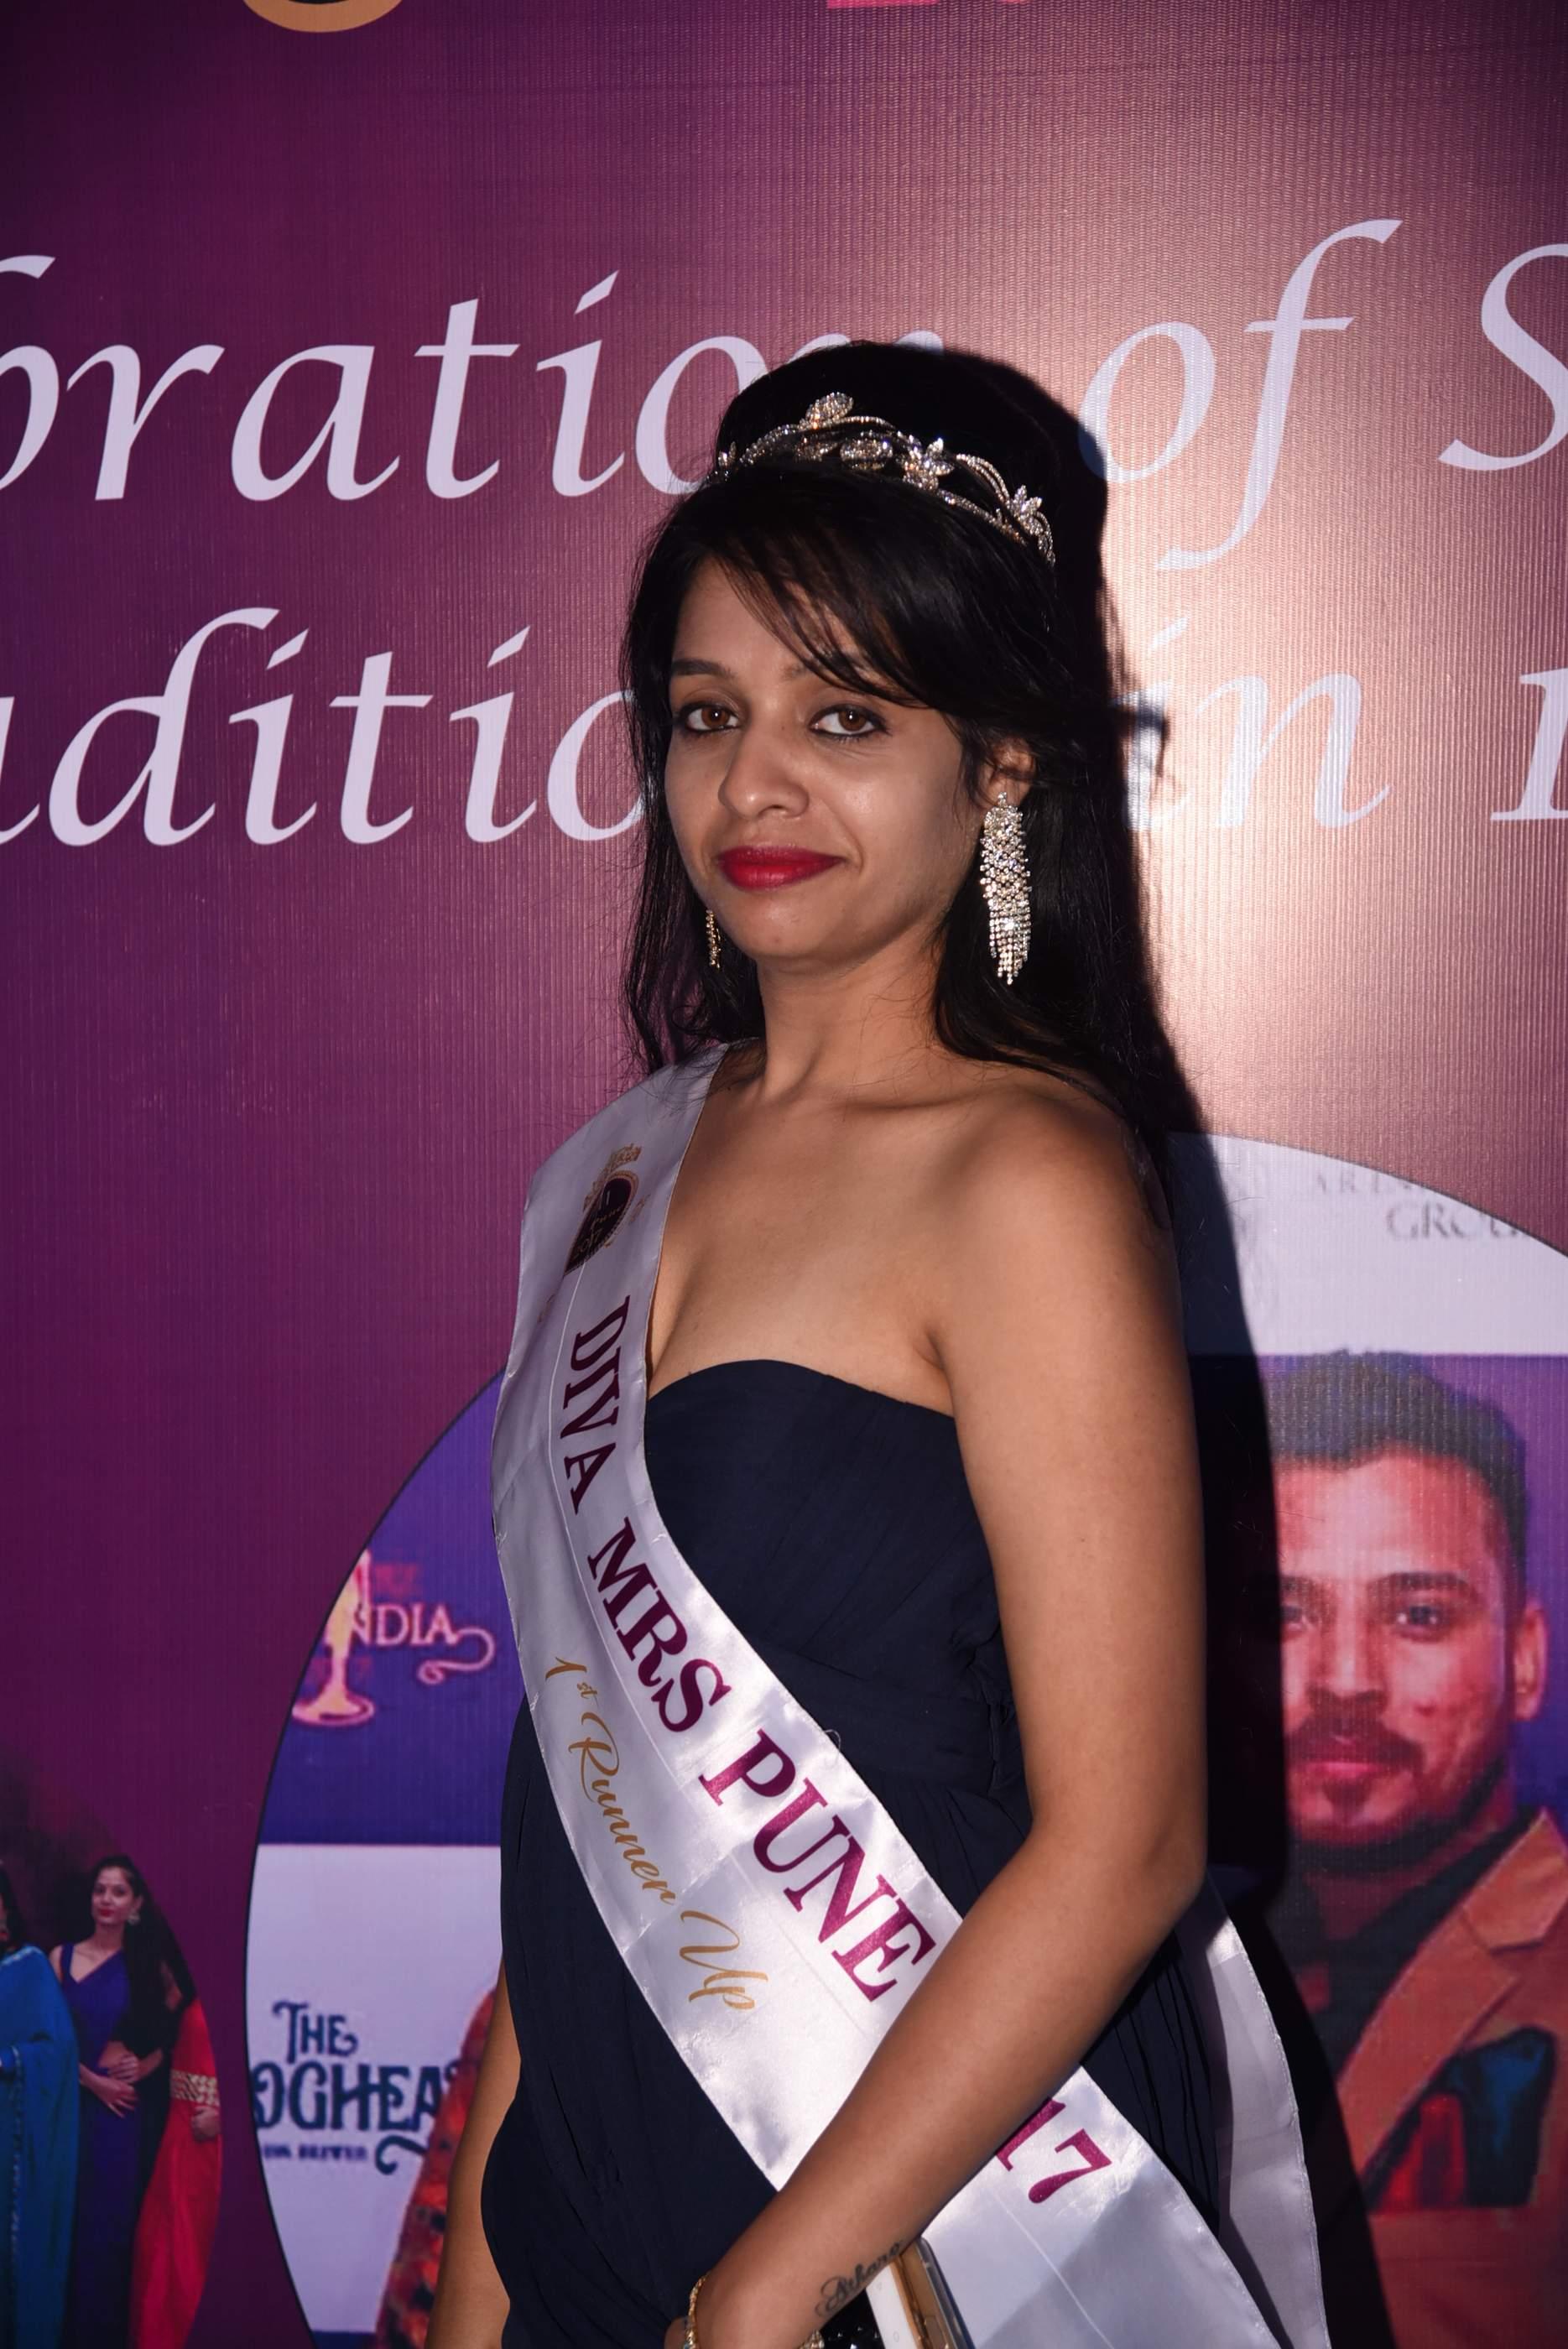 Photo Stills From ARCHERZ Mrs. INDIA 2017 Event